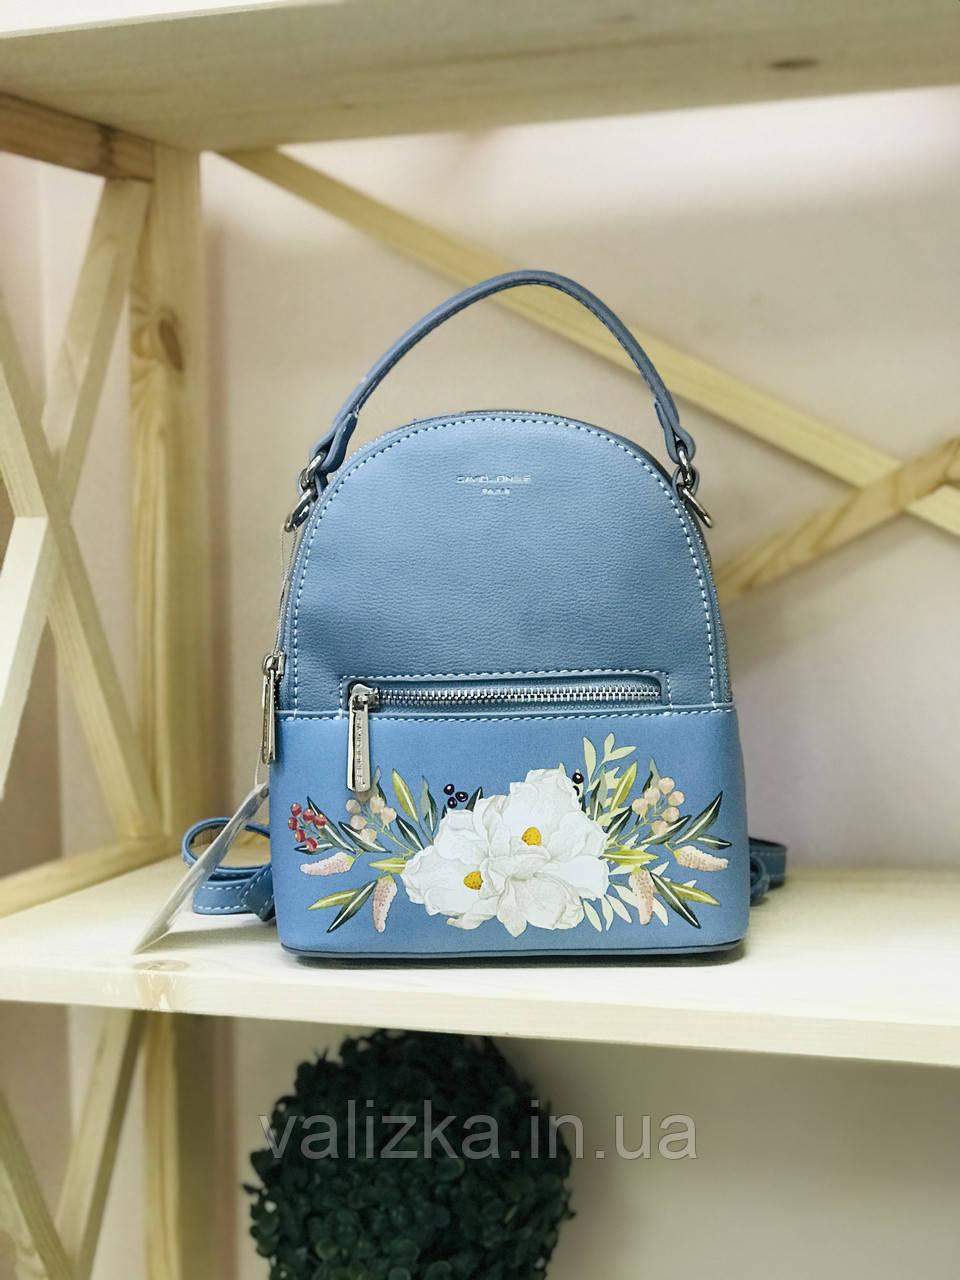 Рюкзак David Jones женский голубой